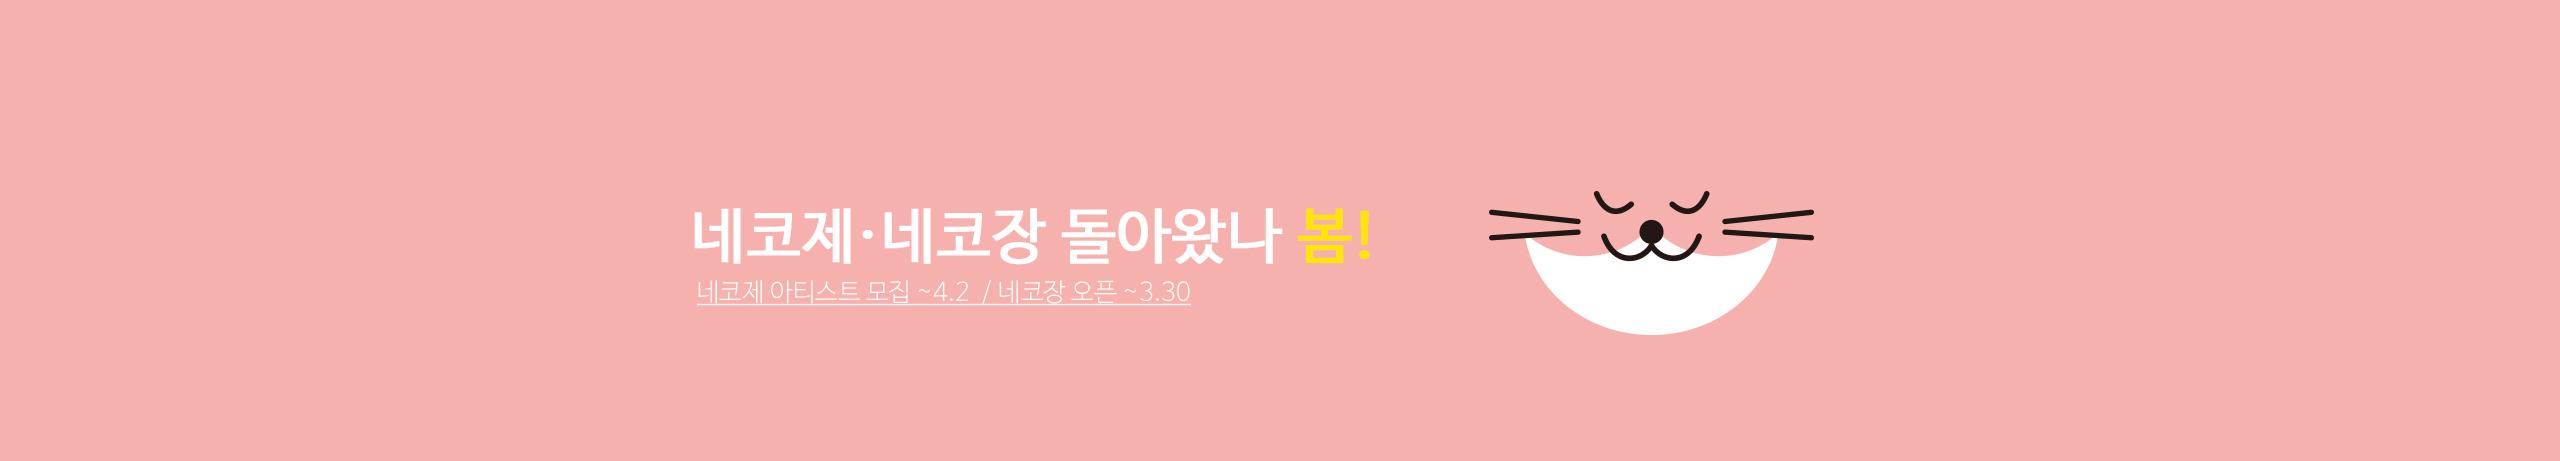 네코제 아티스트 모집+네코장 배너 이동